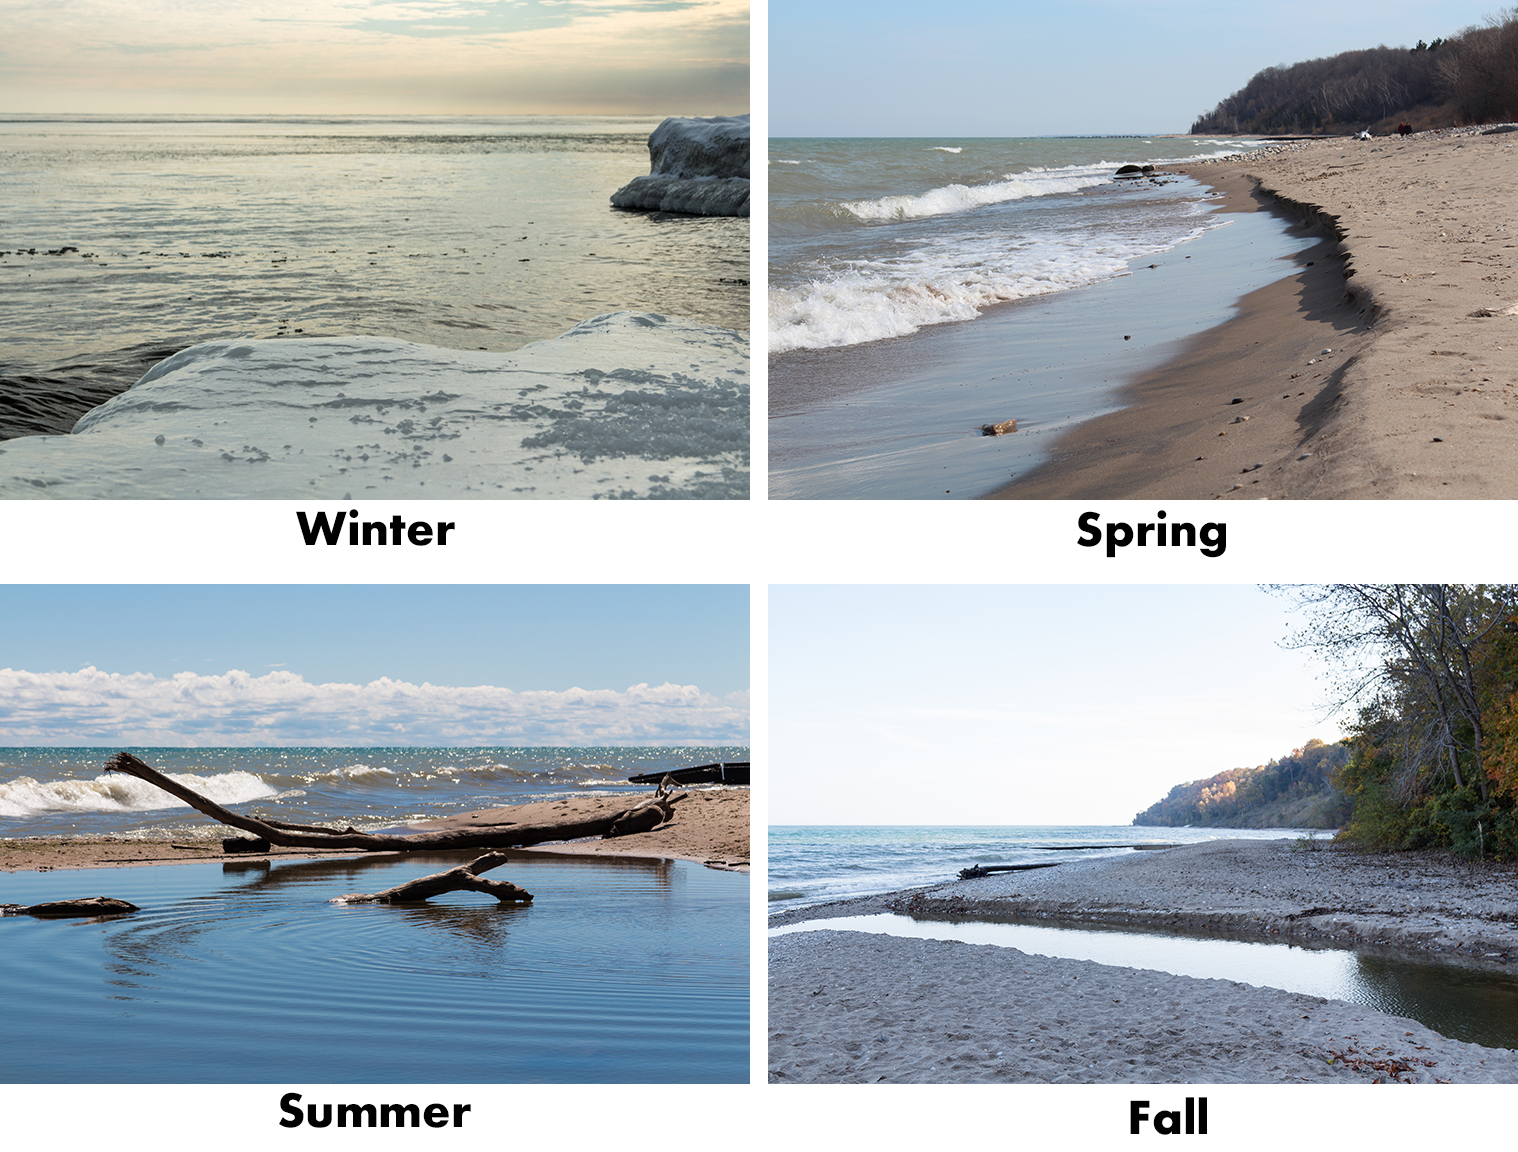 Beach in Four Seasons   https://www.roseclearfield.com